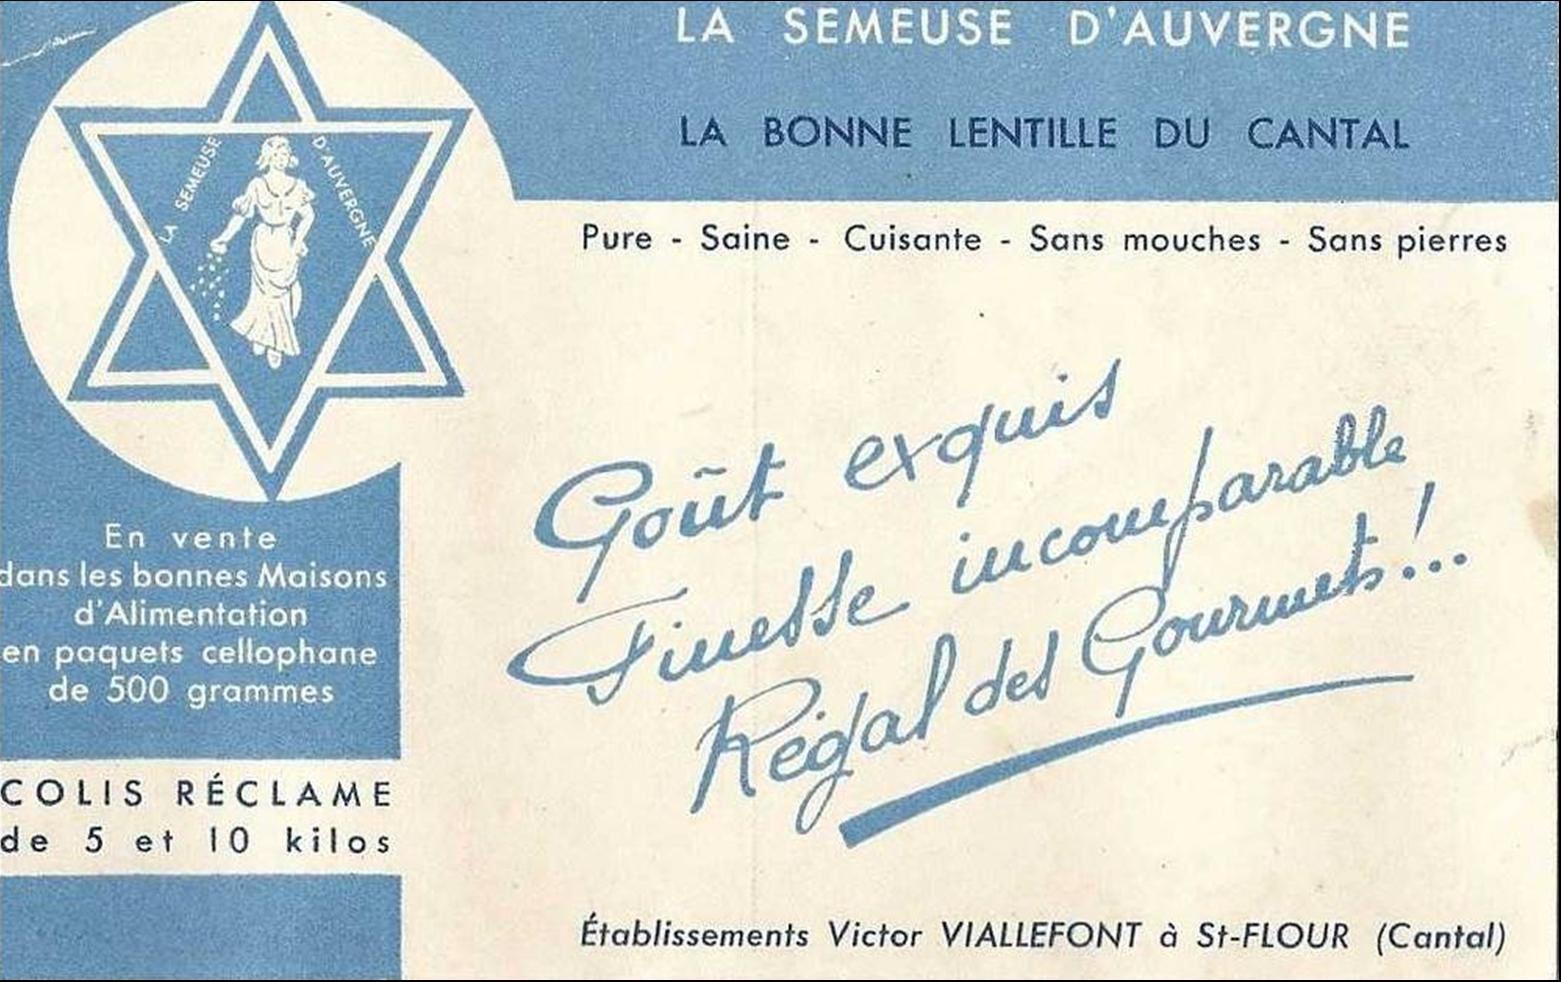 Tradition d'Auvergne: Le petit salé aux lentilles